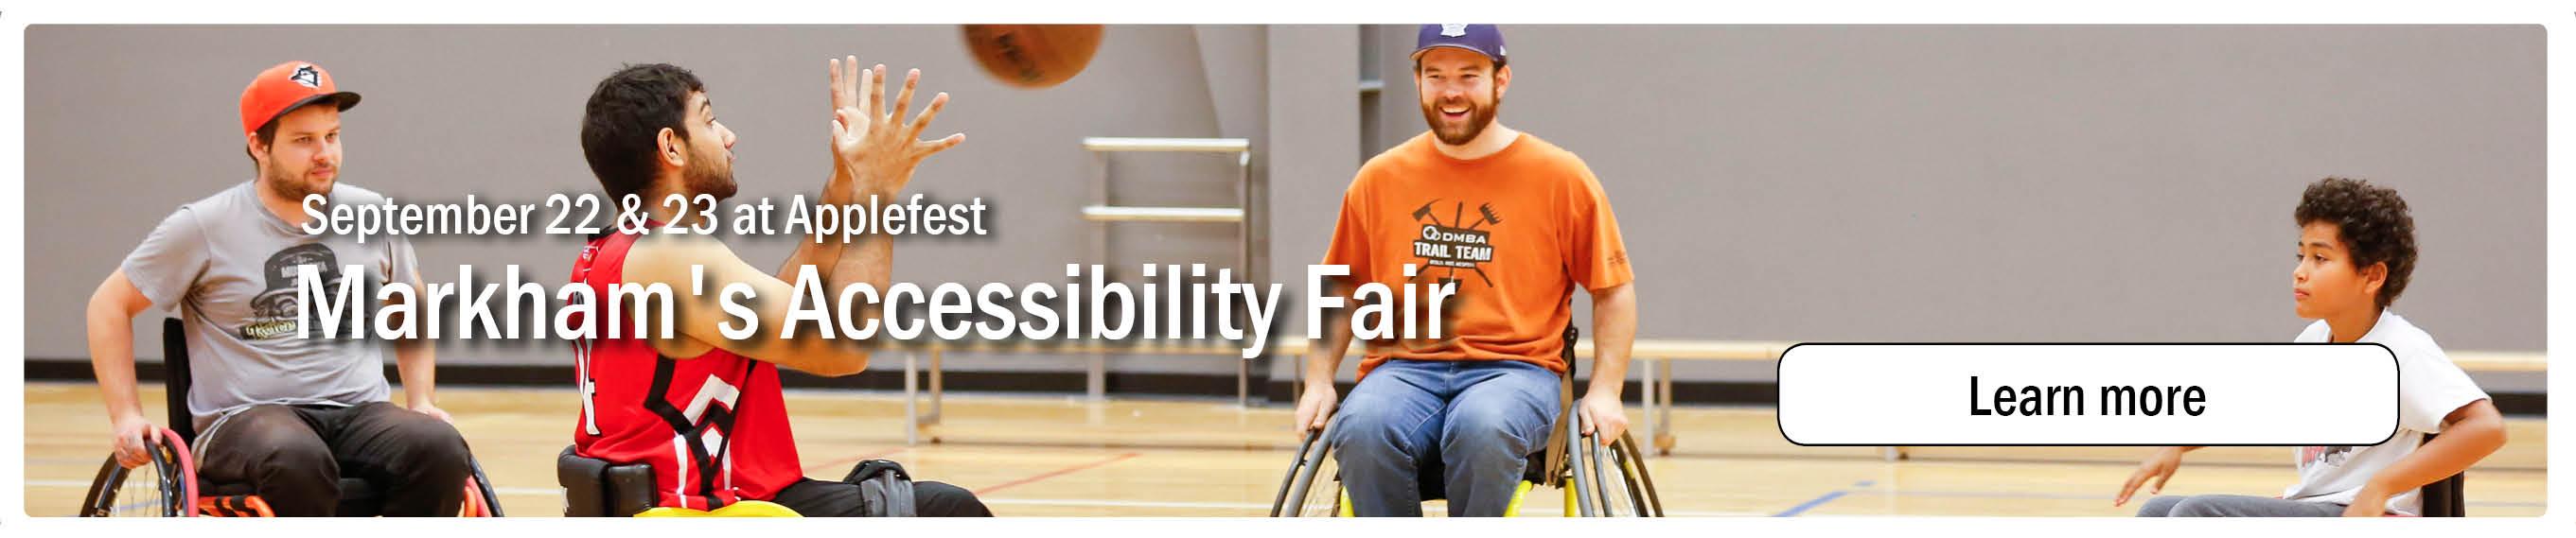 AccessibilityFair